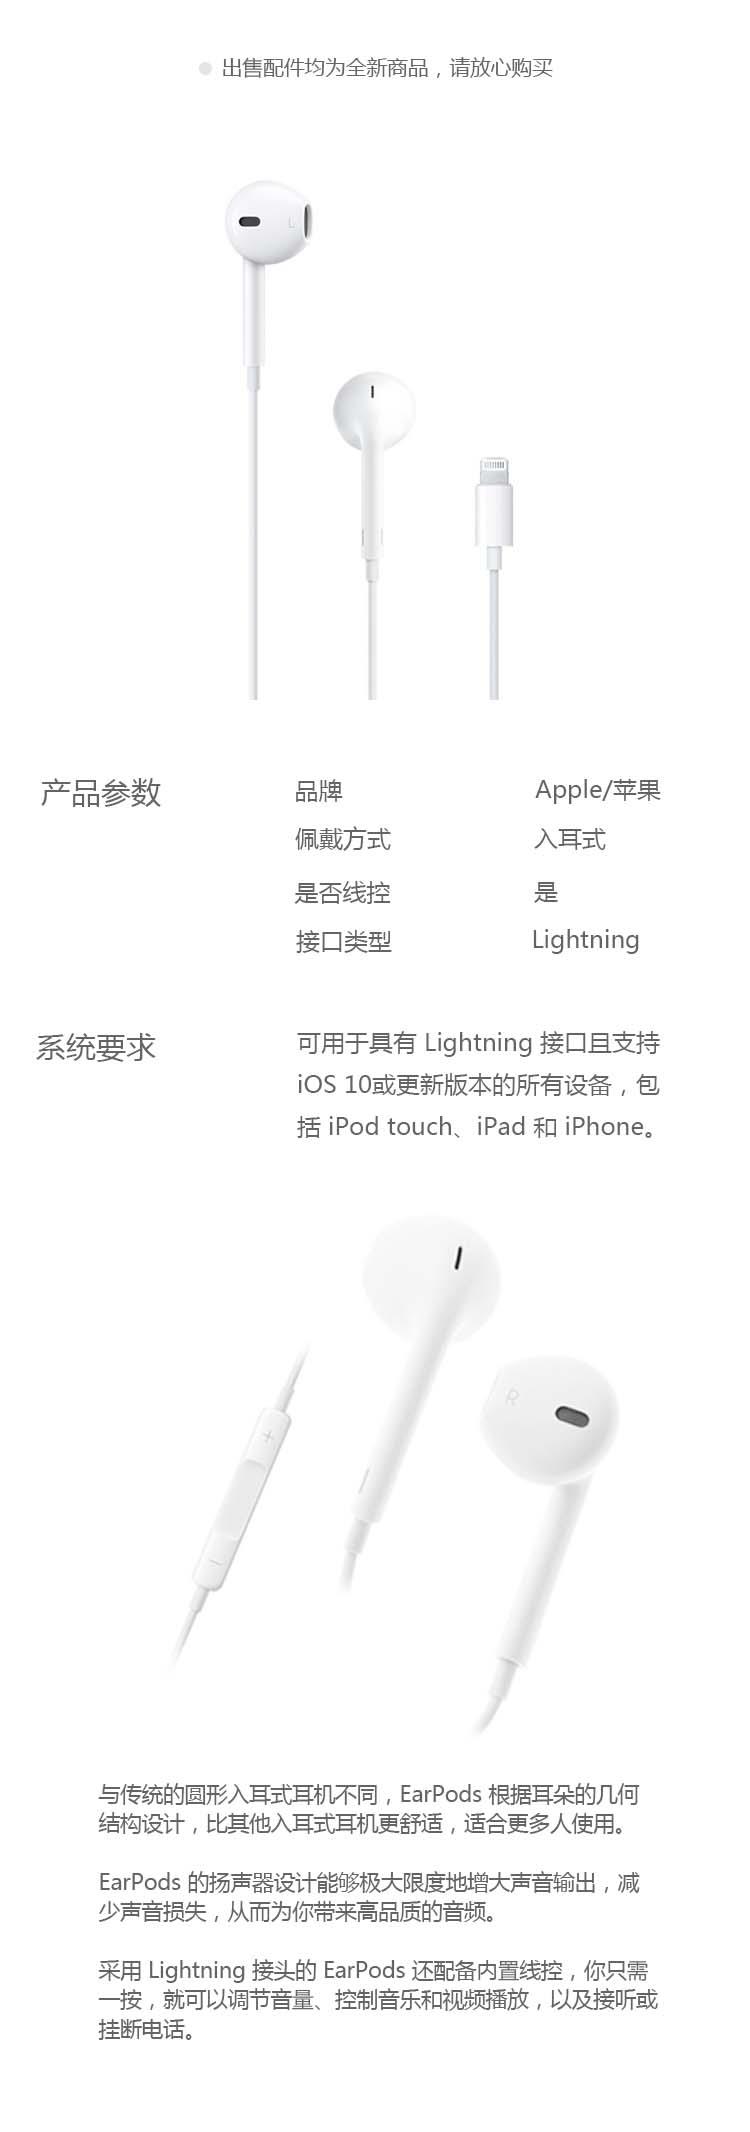 耳机图lighting.jpg